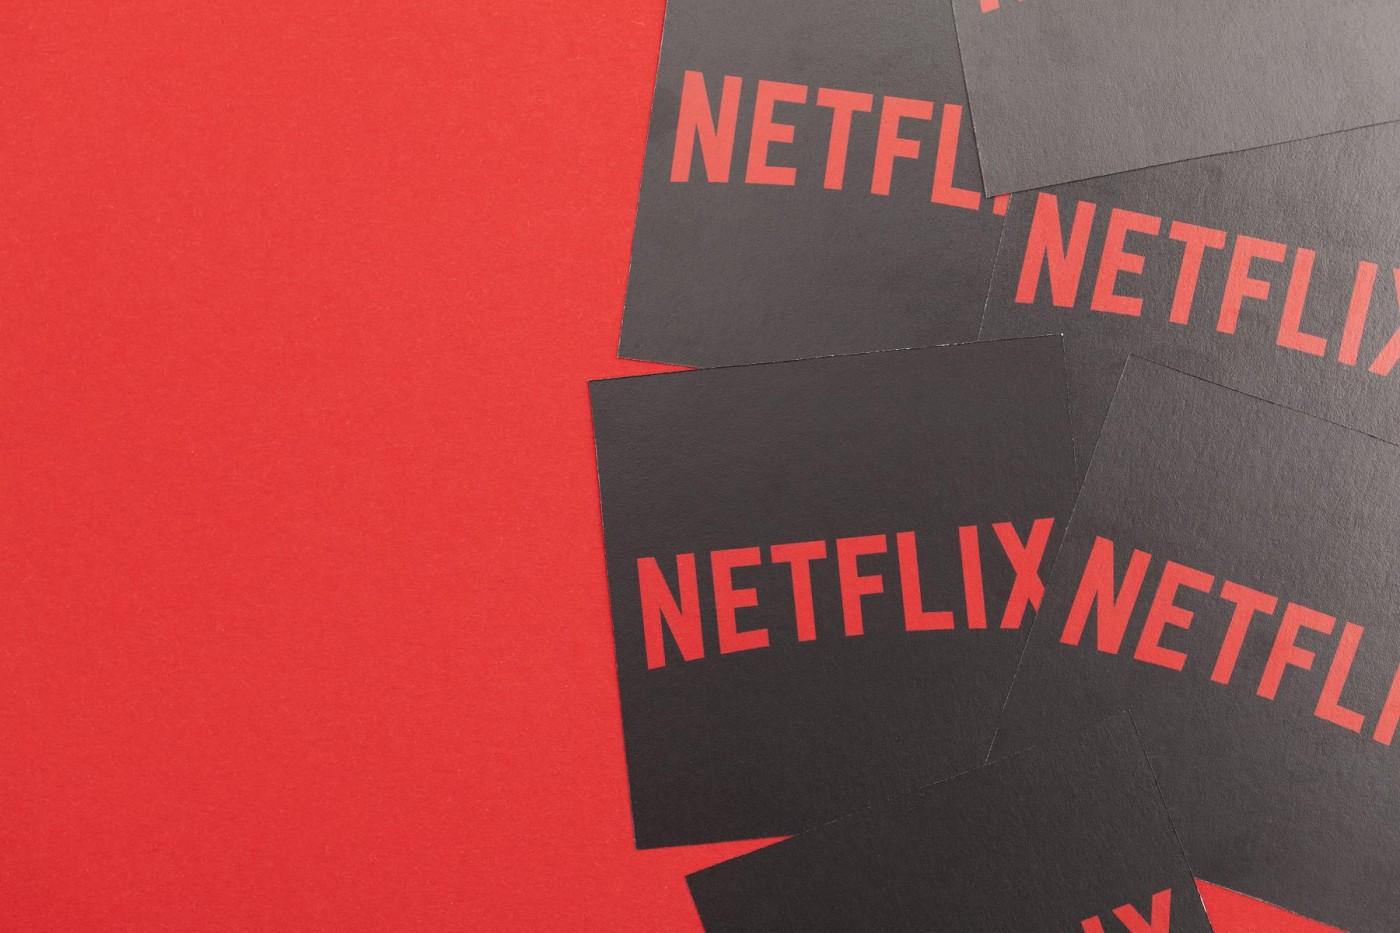 艾美獎Netflix輸給Hulu,但用戶在乎的是什麼?